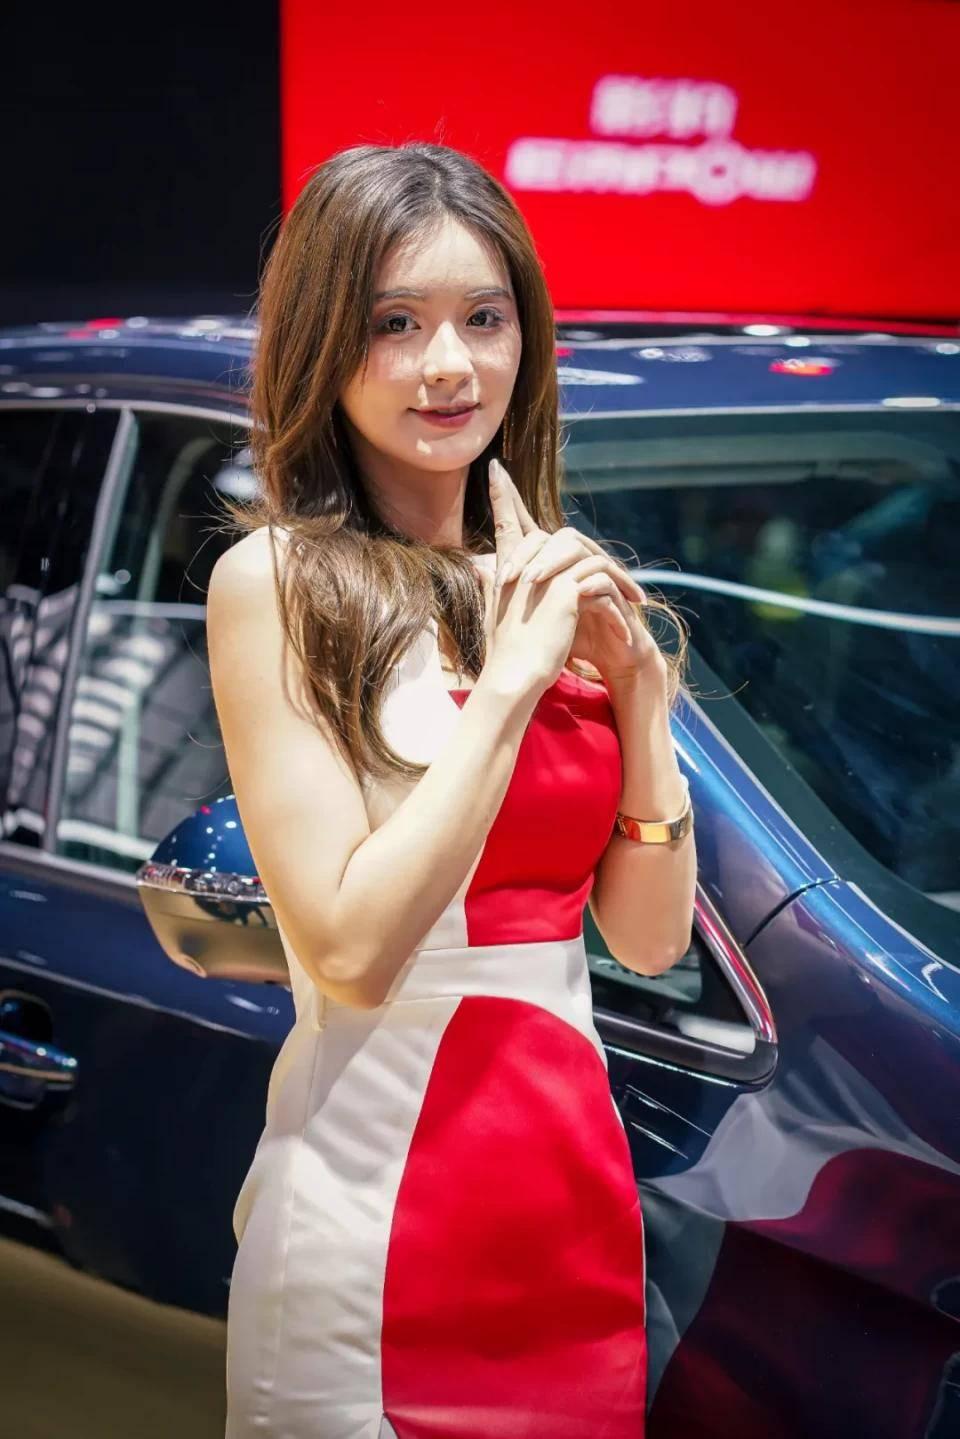 图赏:上海车展上的车模小姐姐们(图24)